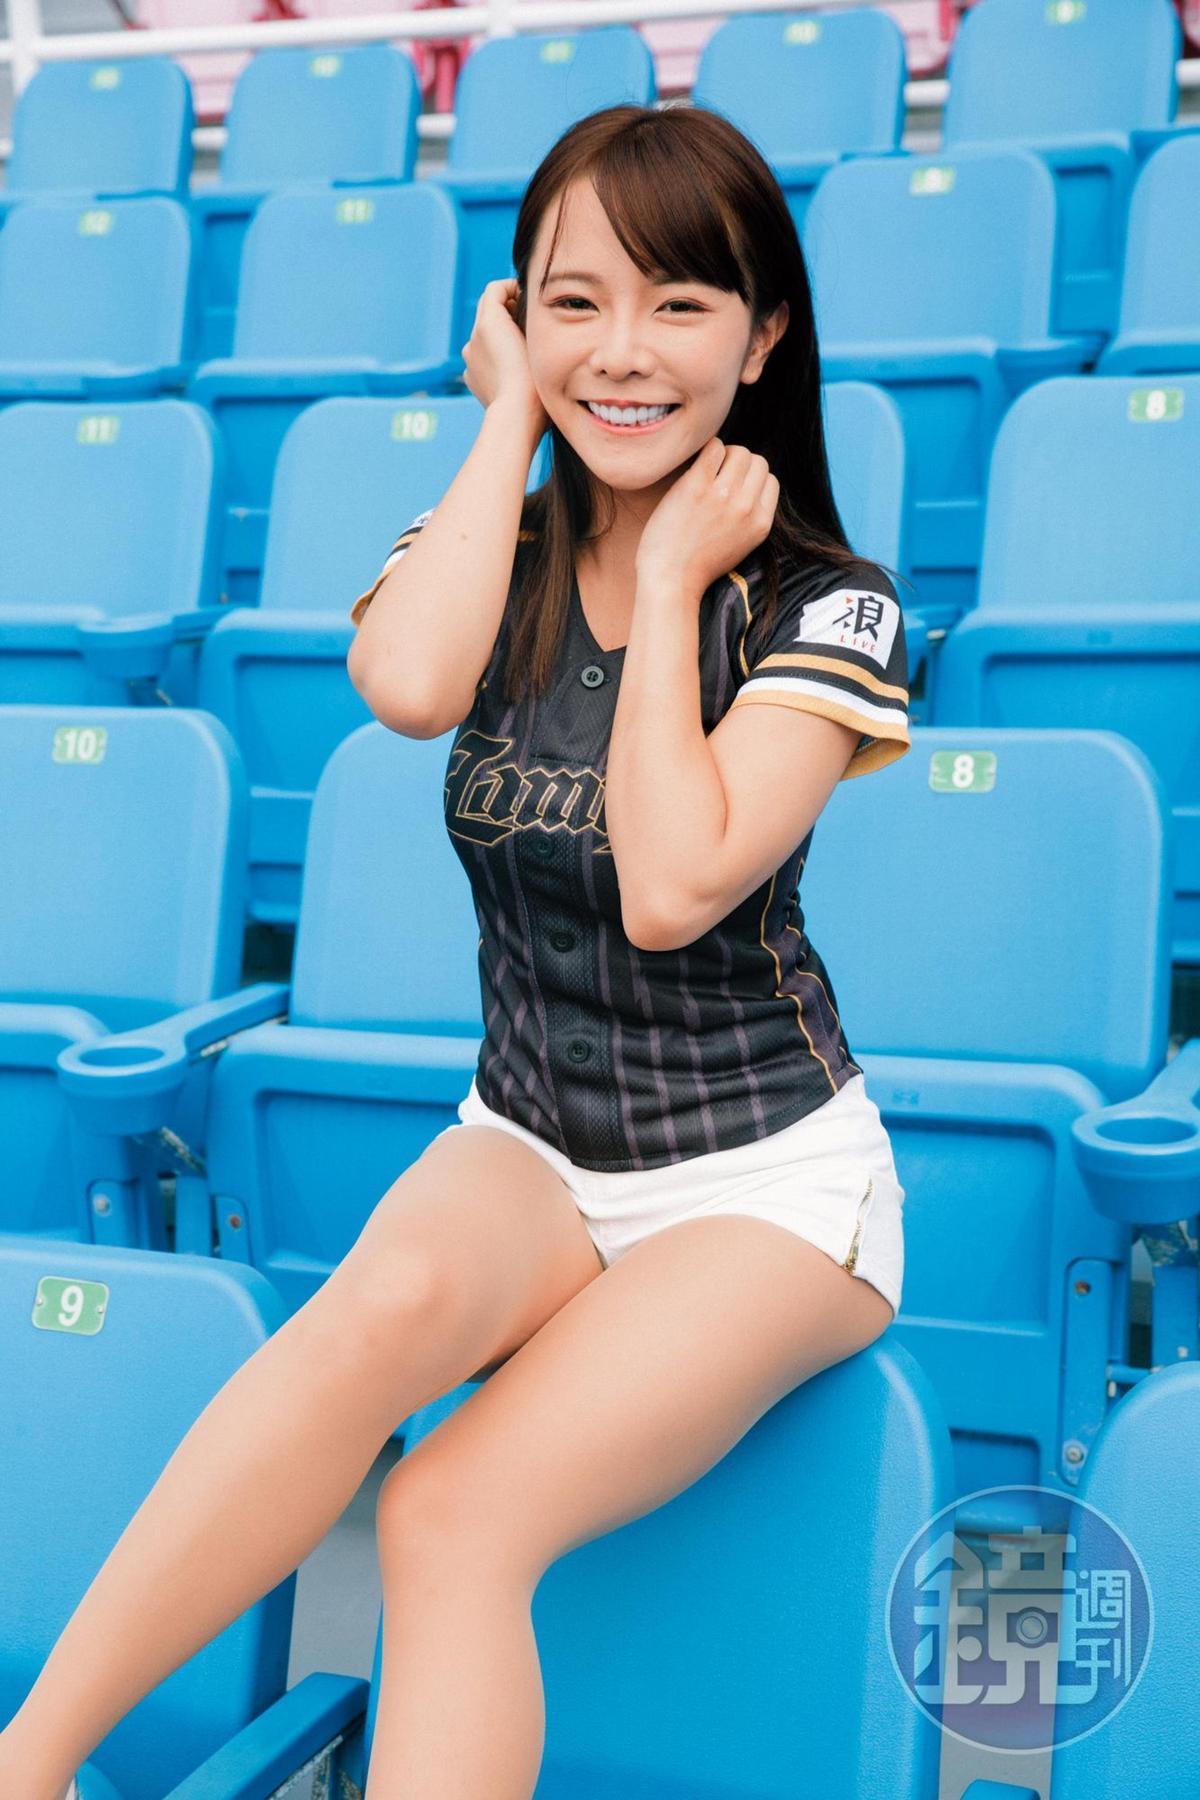 巫苡瑄是LamiGirls隊長,還曾拍攝過甜美寫真。